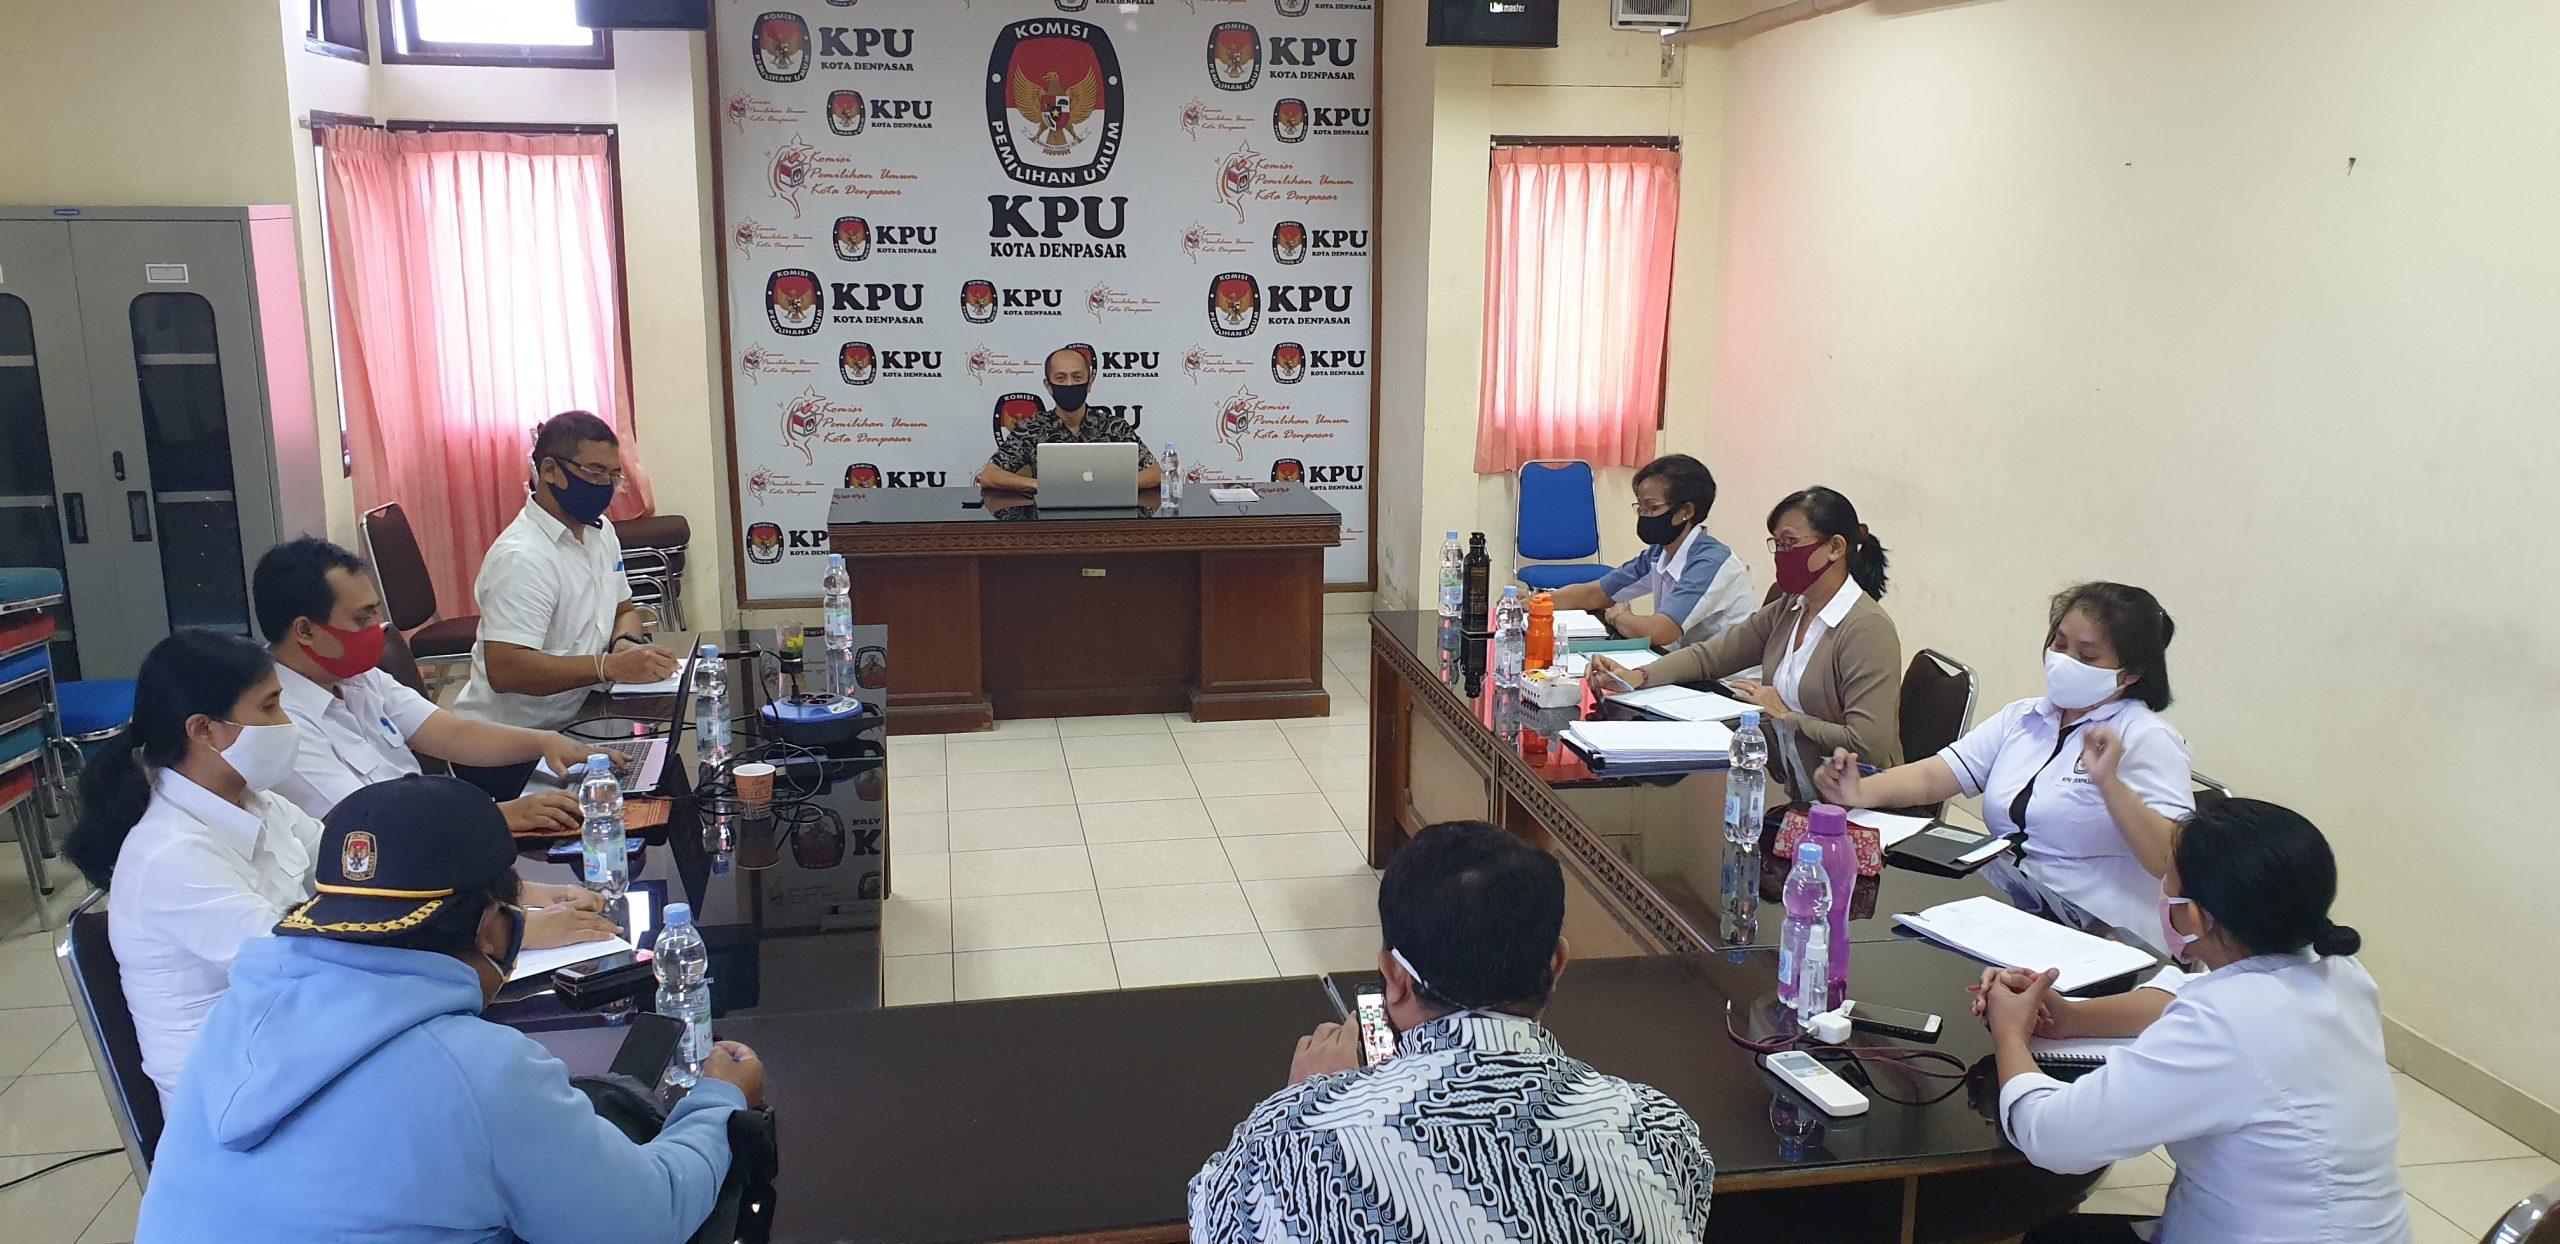 RAPAT pleno KPU Denpasar membahas tambahan anggaran Pilkada 2020, Senin (8/6/2020). Foto: gus hendra